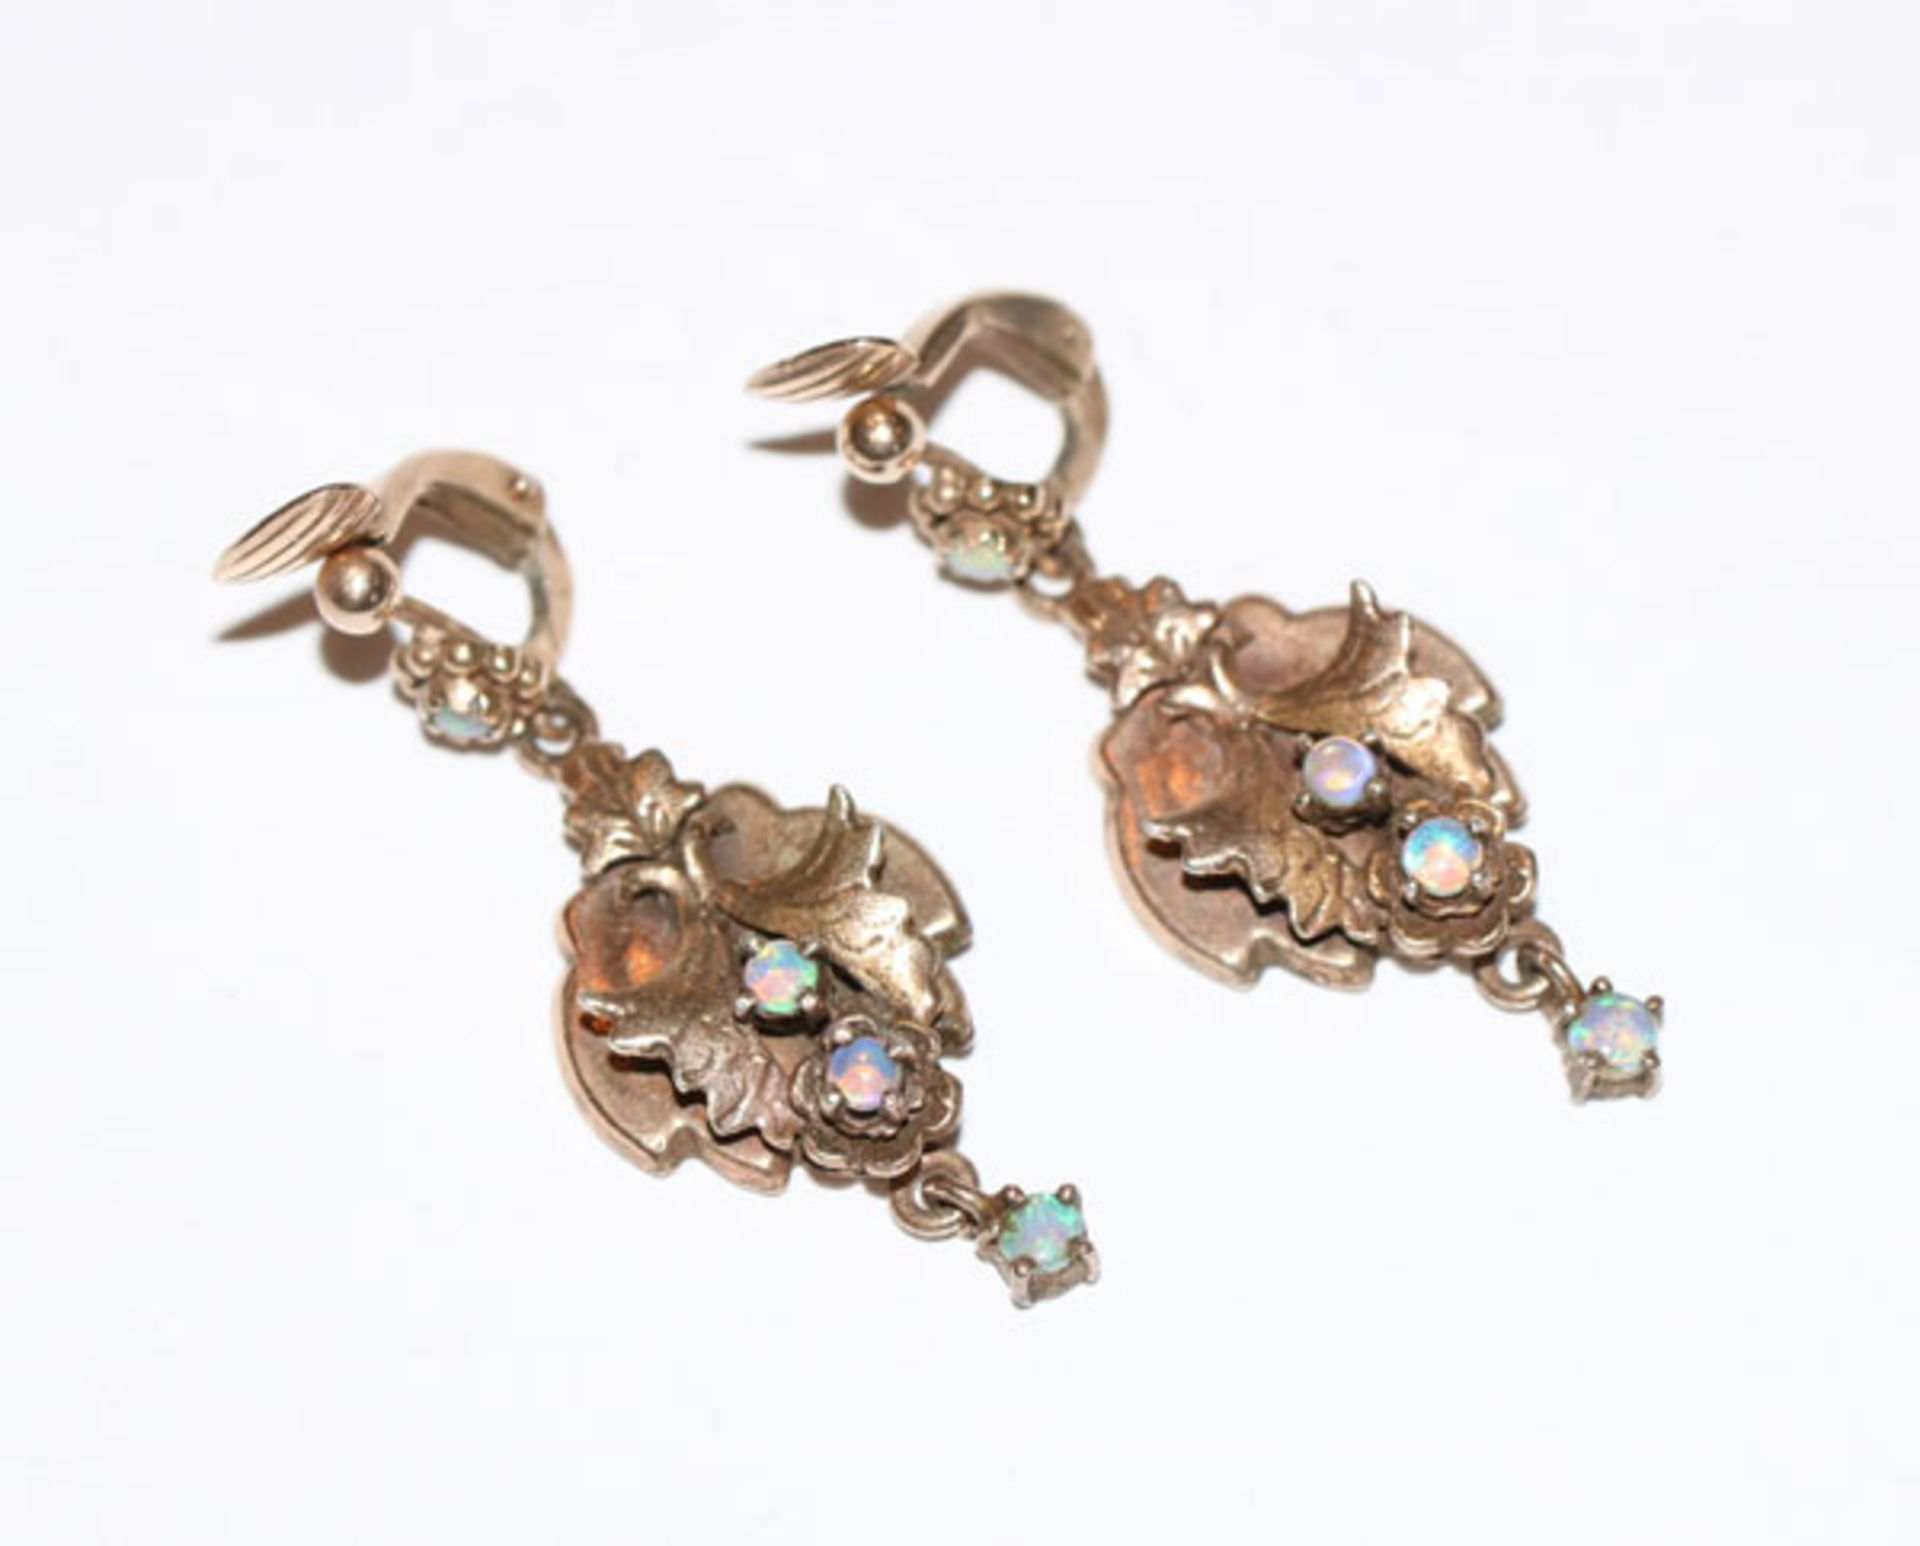 Paar Silber/vergoldete Ohrhänger mit Opalen, schöne Handarbeit, L 4,2 cm